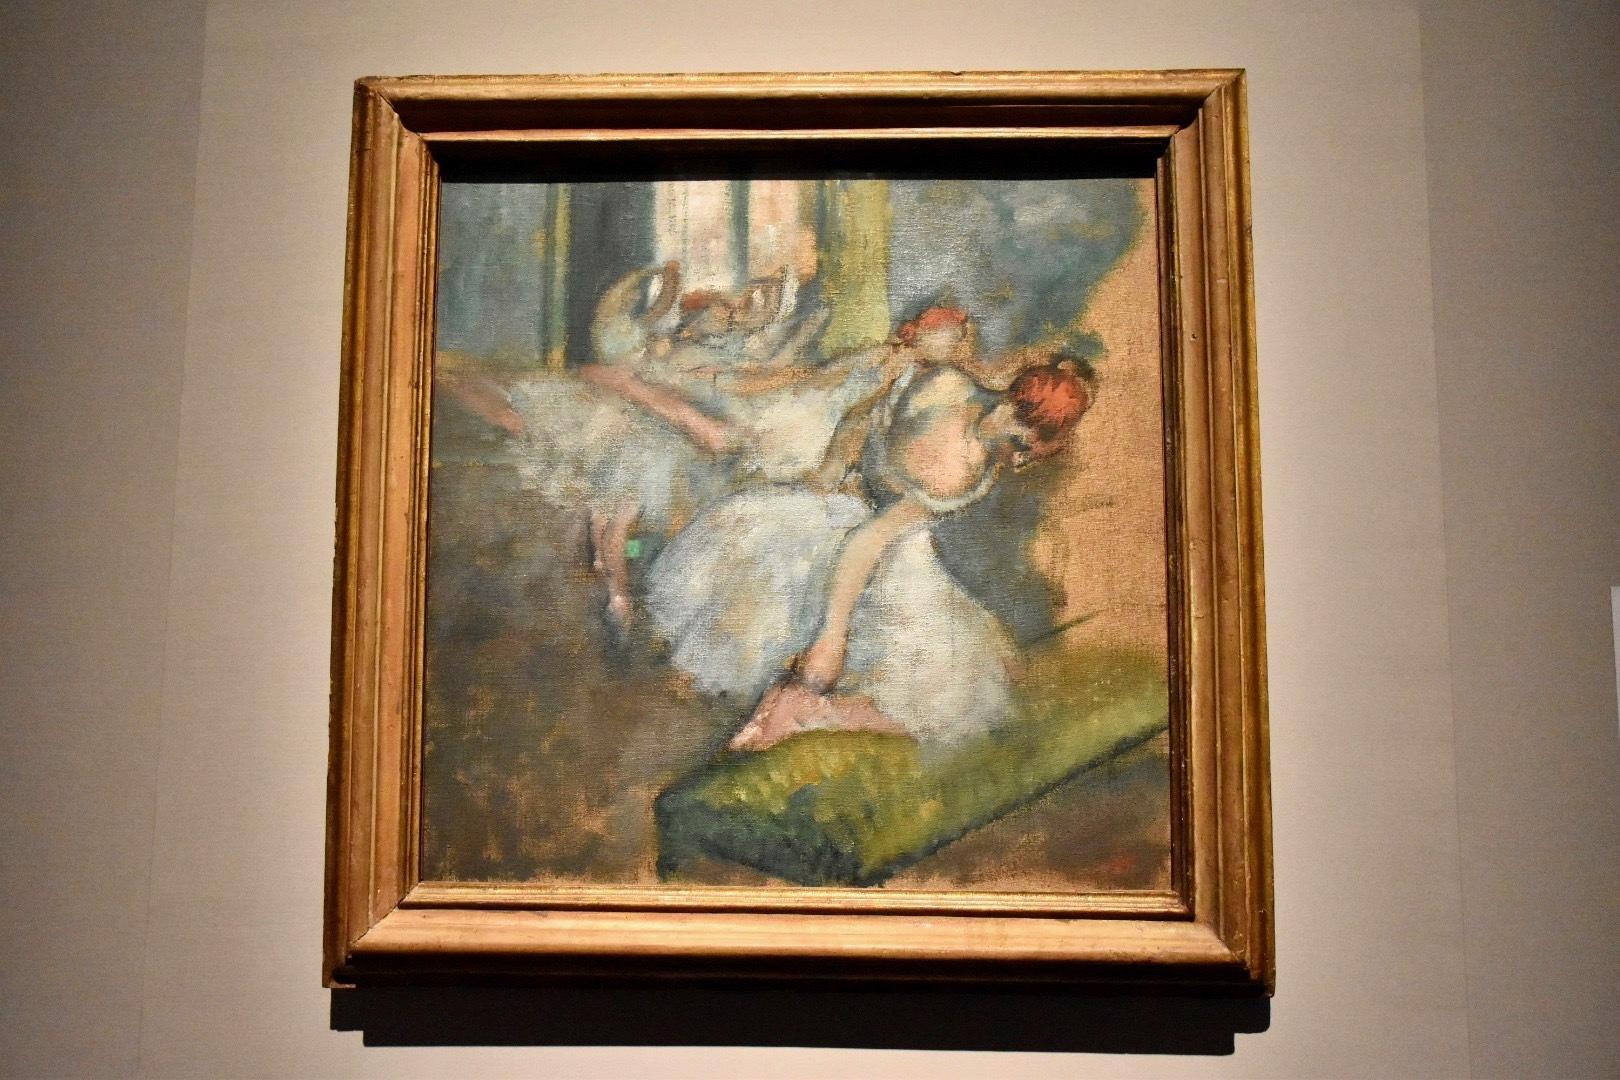 エドガー・ドガ《バレエの踊り子》1890-1900年頃